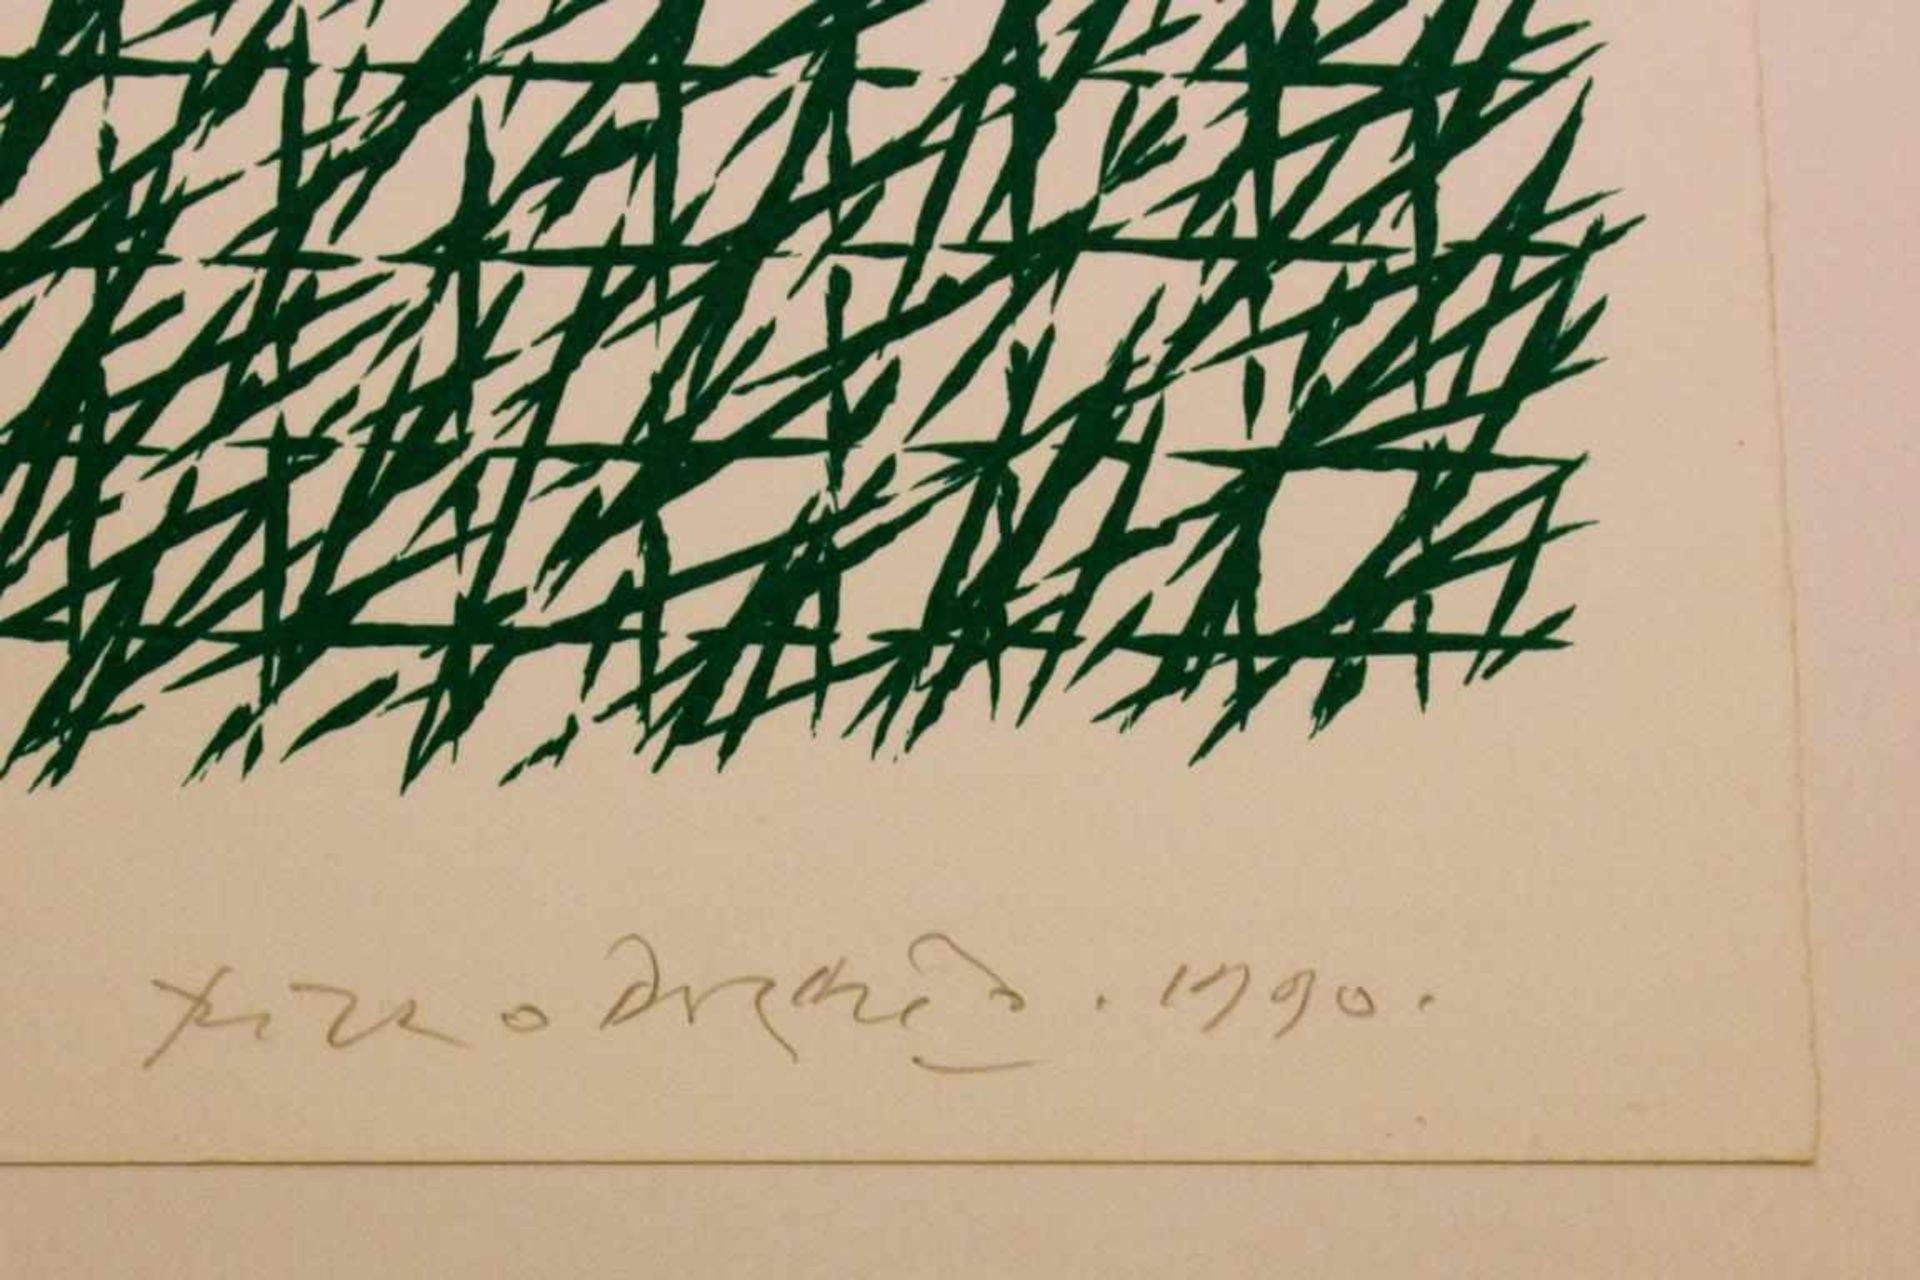 Doratio Piero (1927-2005) Ohne Titel 1990 Lithographie handsigniert und datiert 39 x 28 cm - Bild 2 aus 2